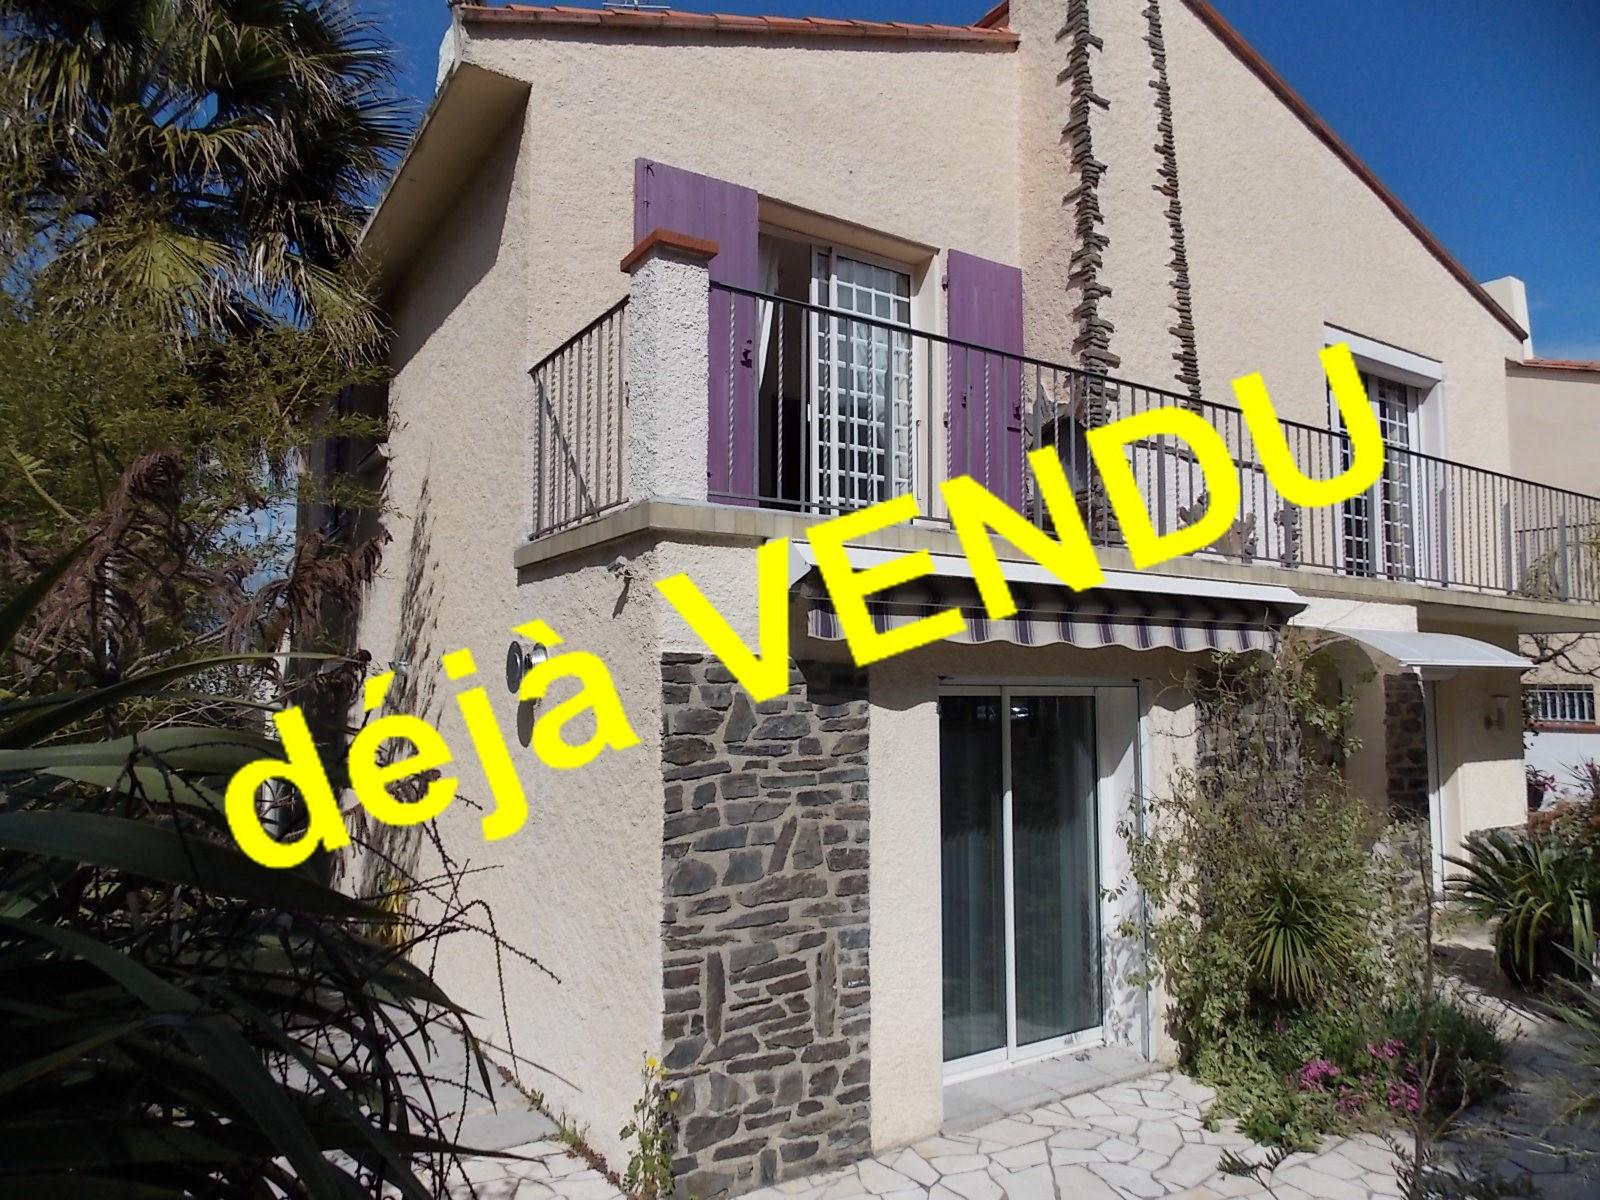 Vente maison/villa 6 pièces st cyprien plage 66750